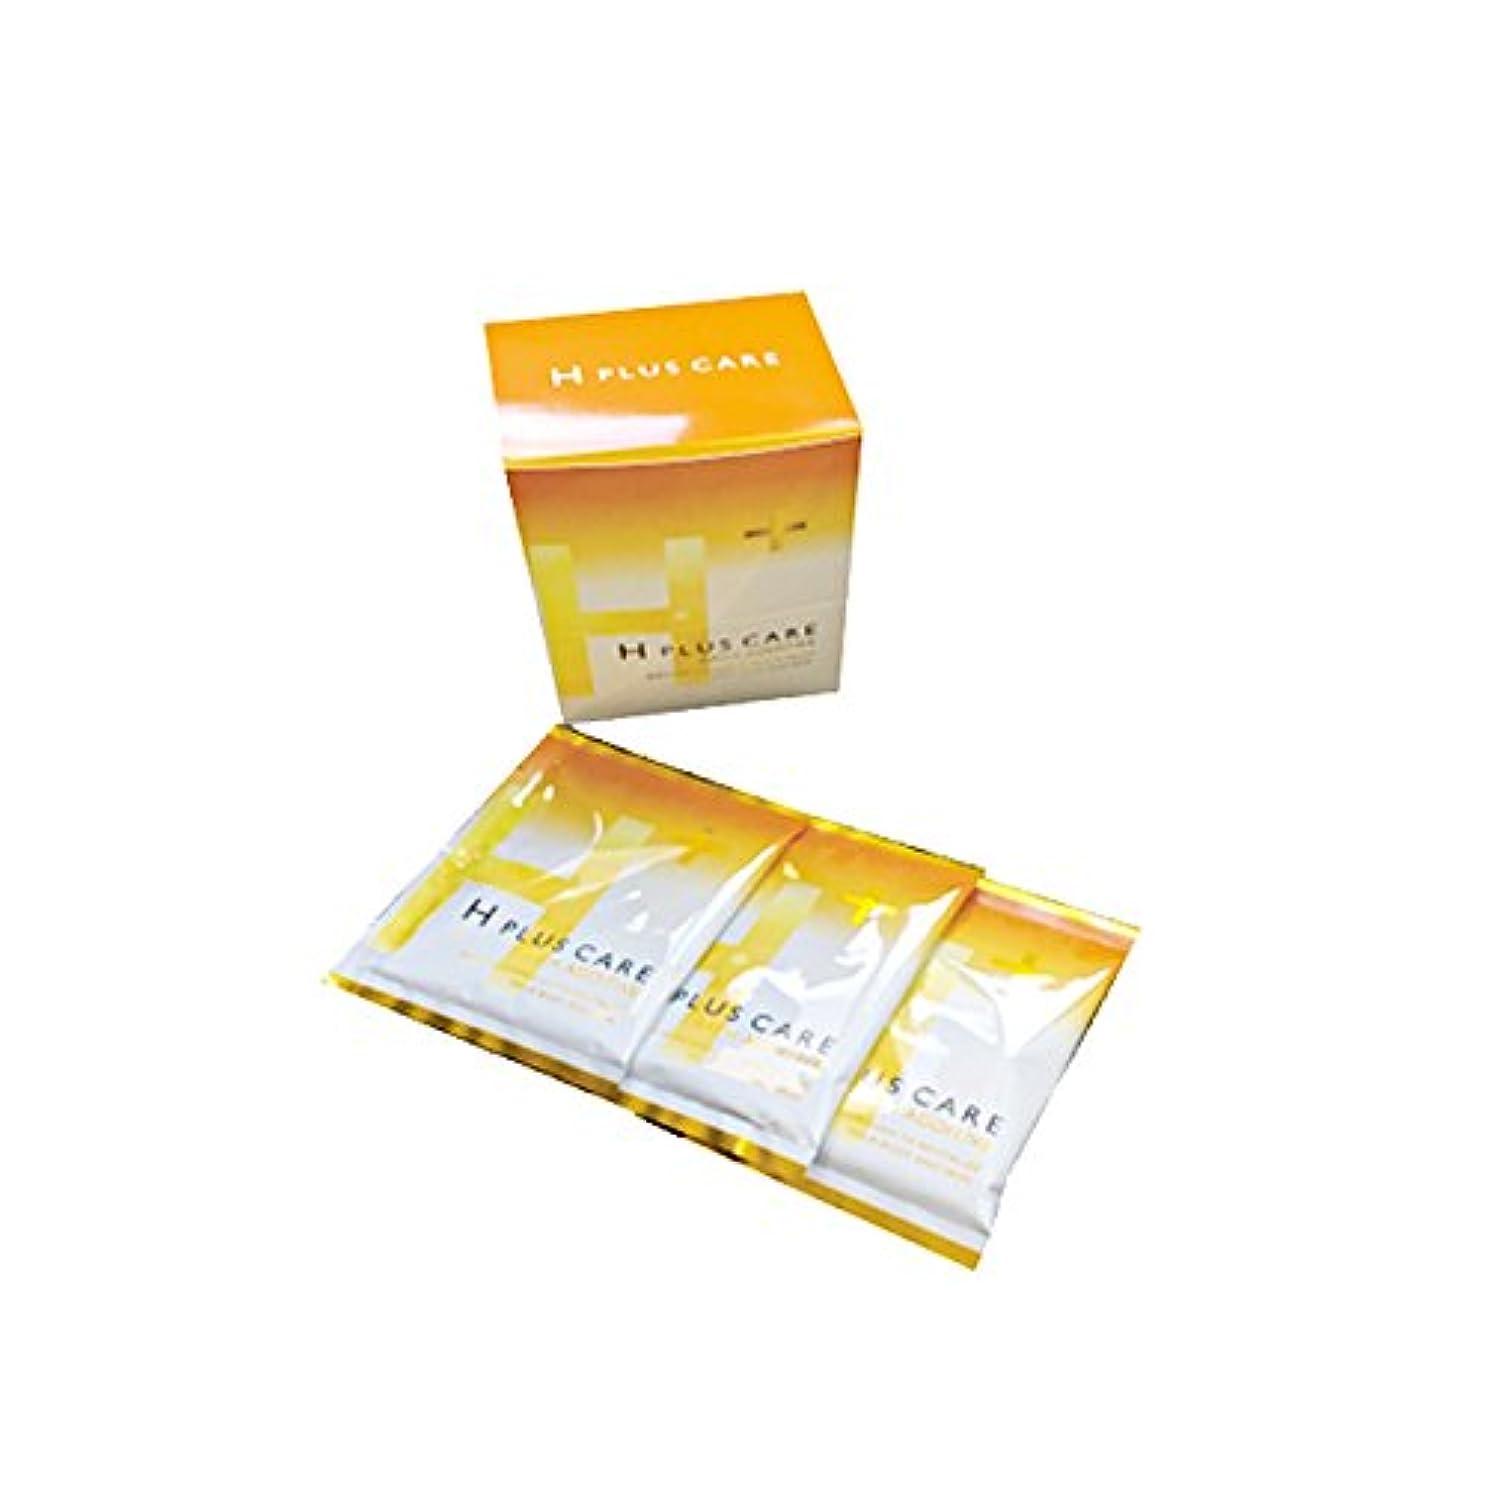 浸透するスプレー失態水素浴用剤 H PLUS CARE(エイチプラスケア) 450g(45g×10包) アンタレス